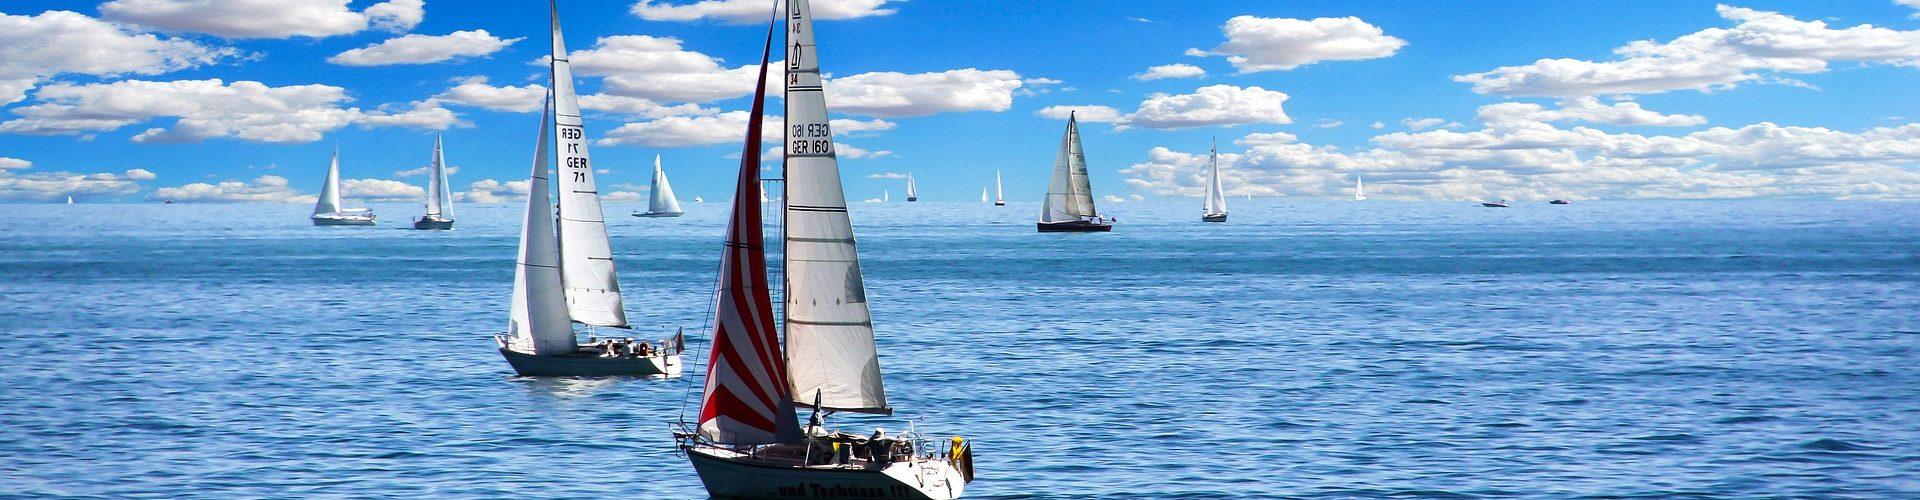 segeln lernen in Wiesbaden segelschein machen in Wiesbaden 1920x500 - Segeln lernen in Wiesbaden